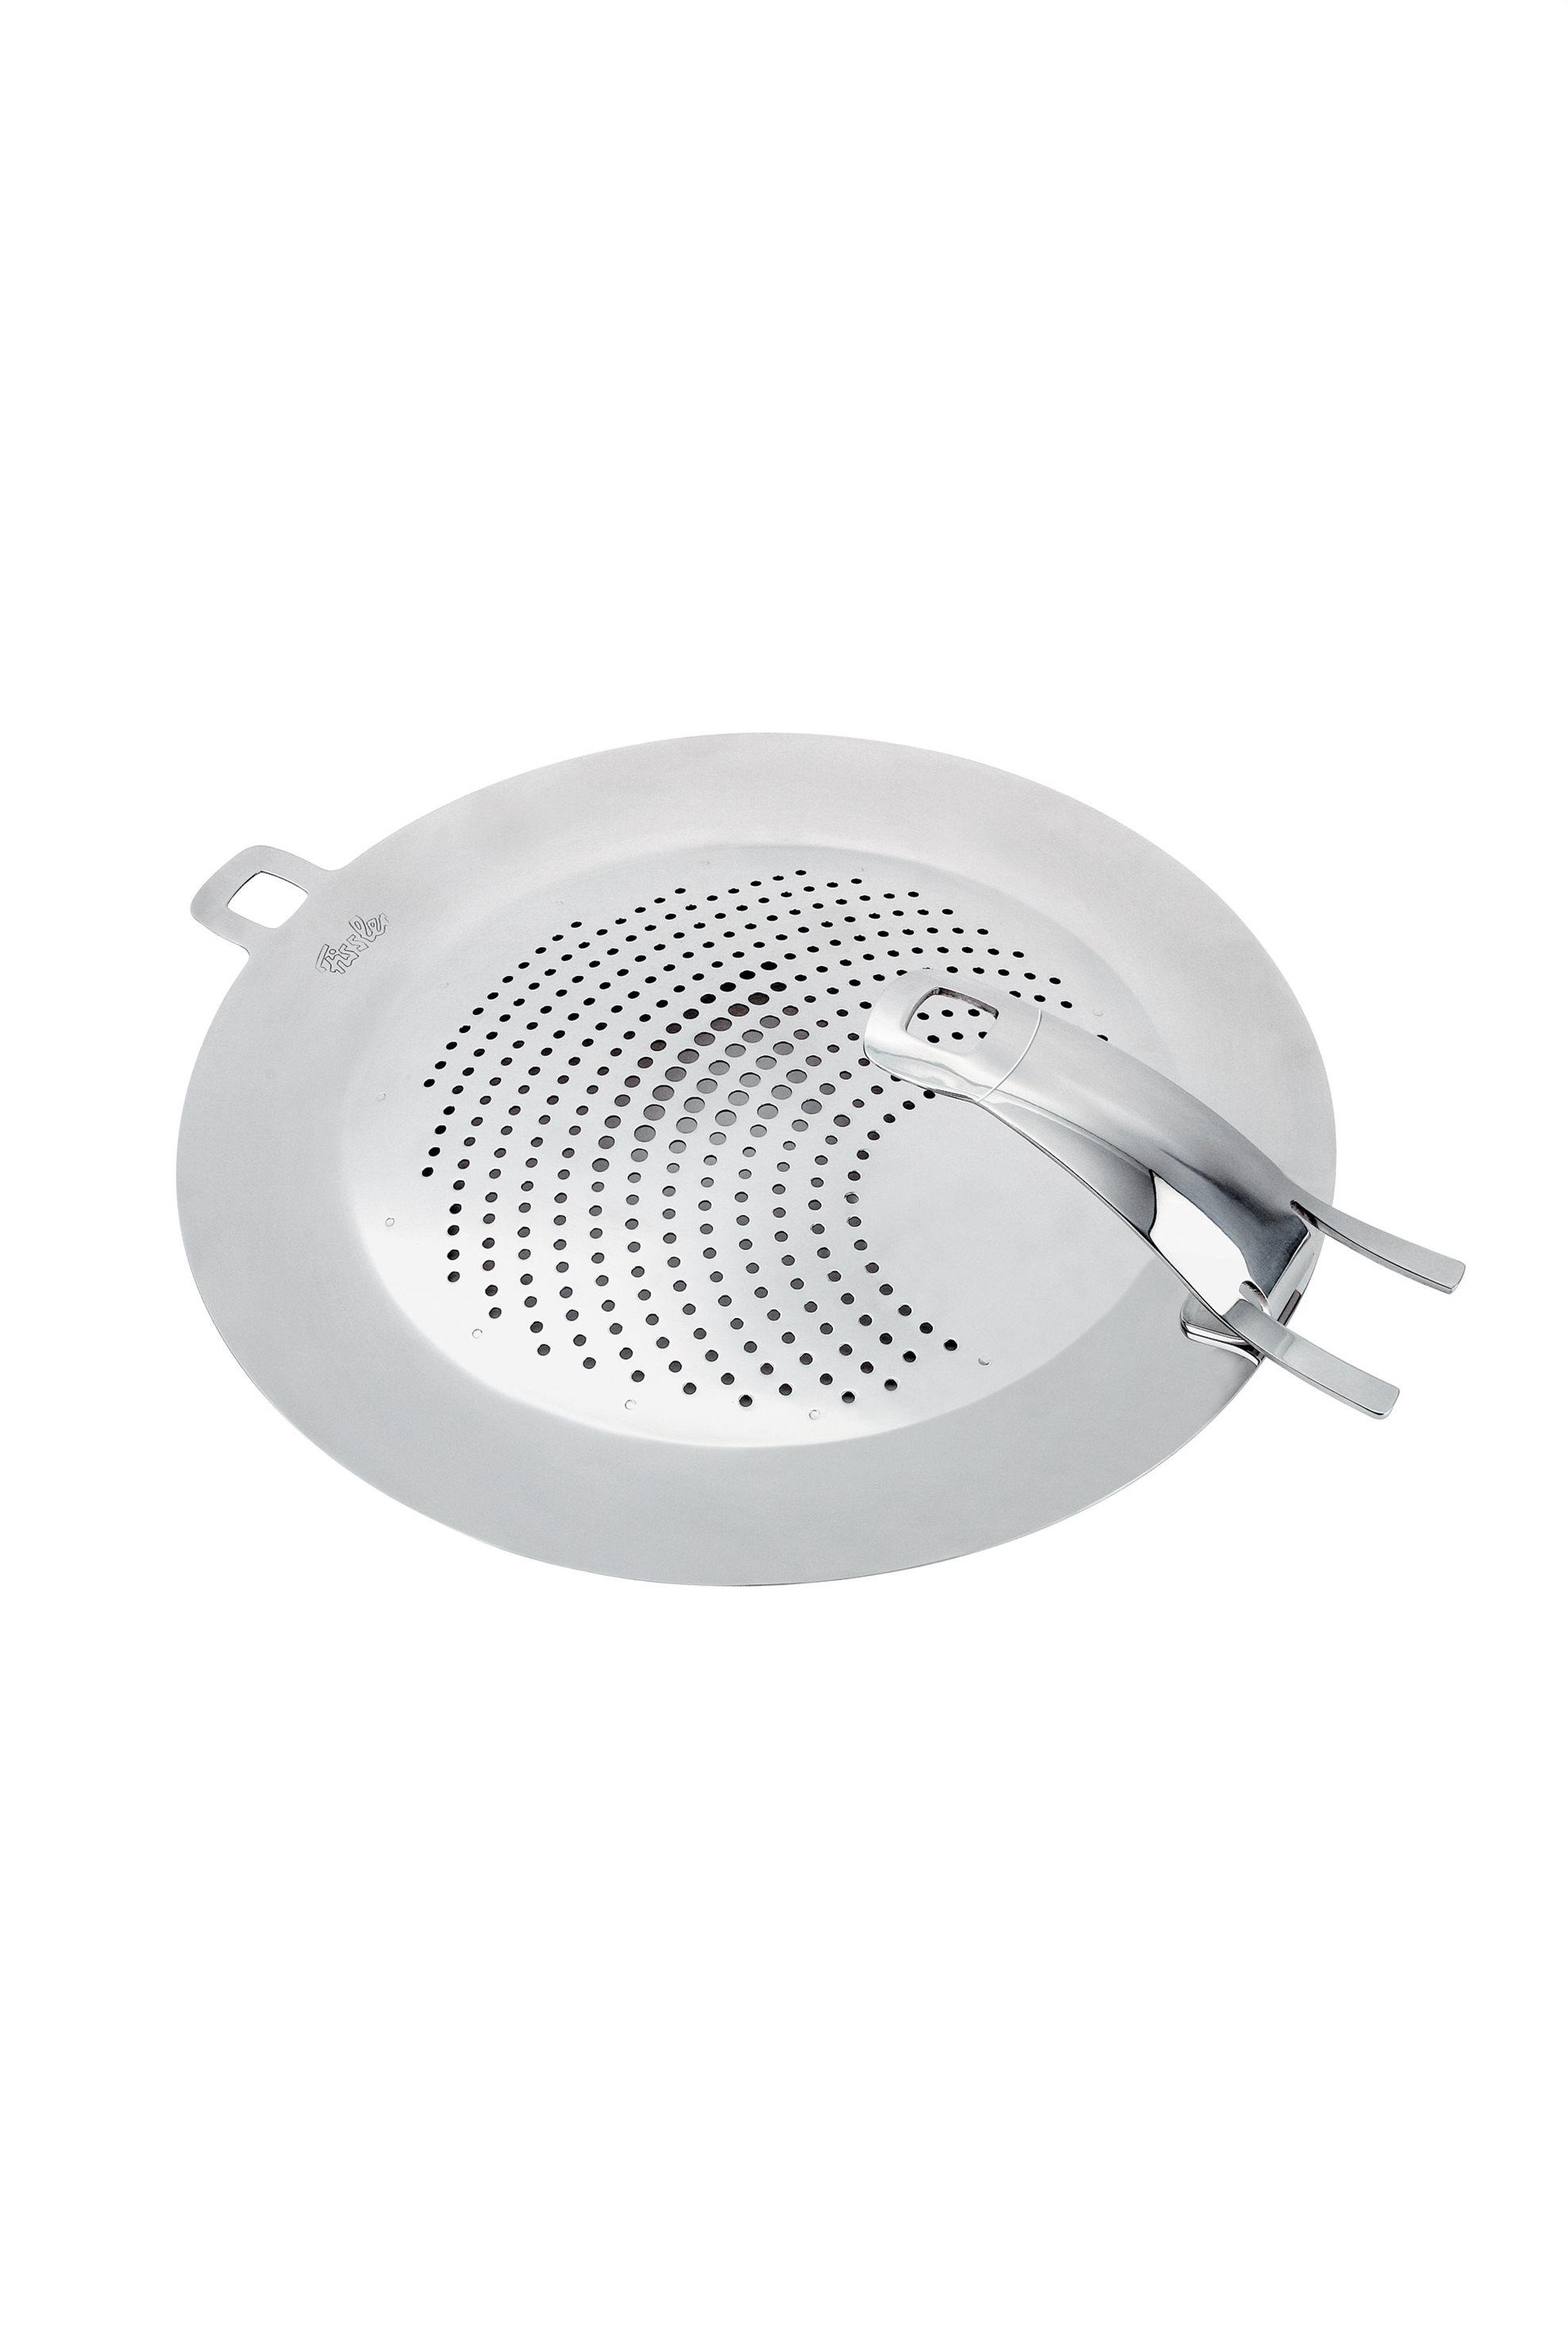 Προστατευτικό καπάκι τηγανίσματος για τηγάνια 24-26-28 εκ. Fissler - 12007000 home   κουζινα   μαγειρικά σκεύη